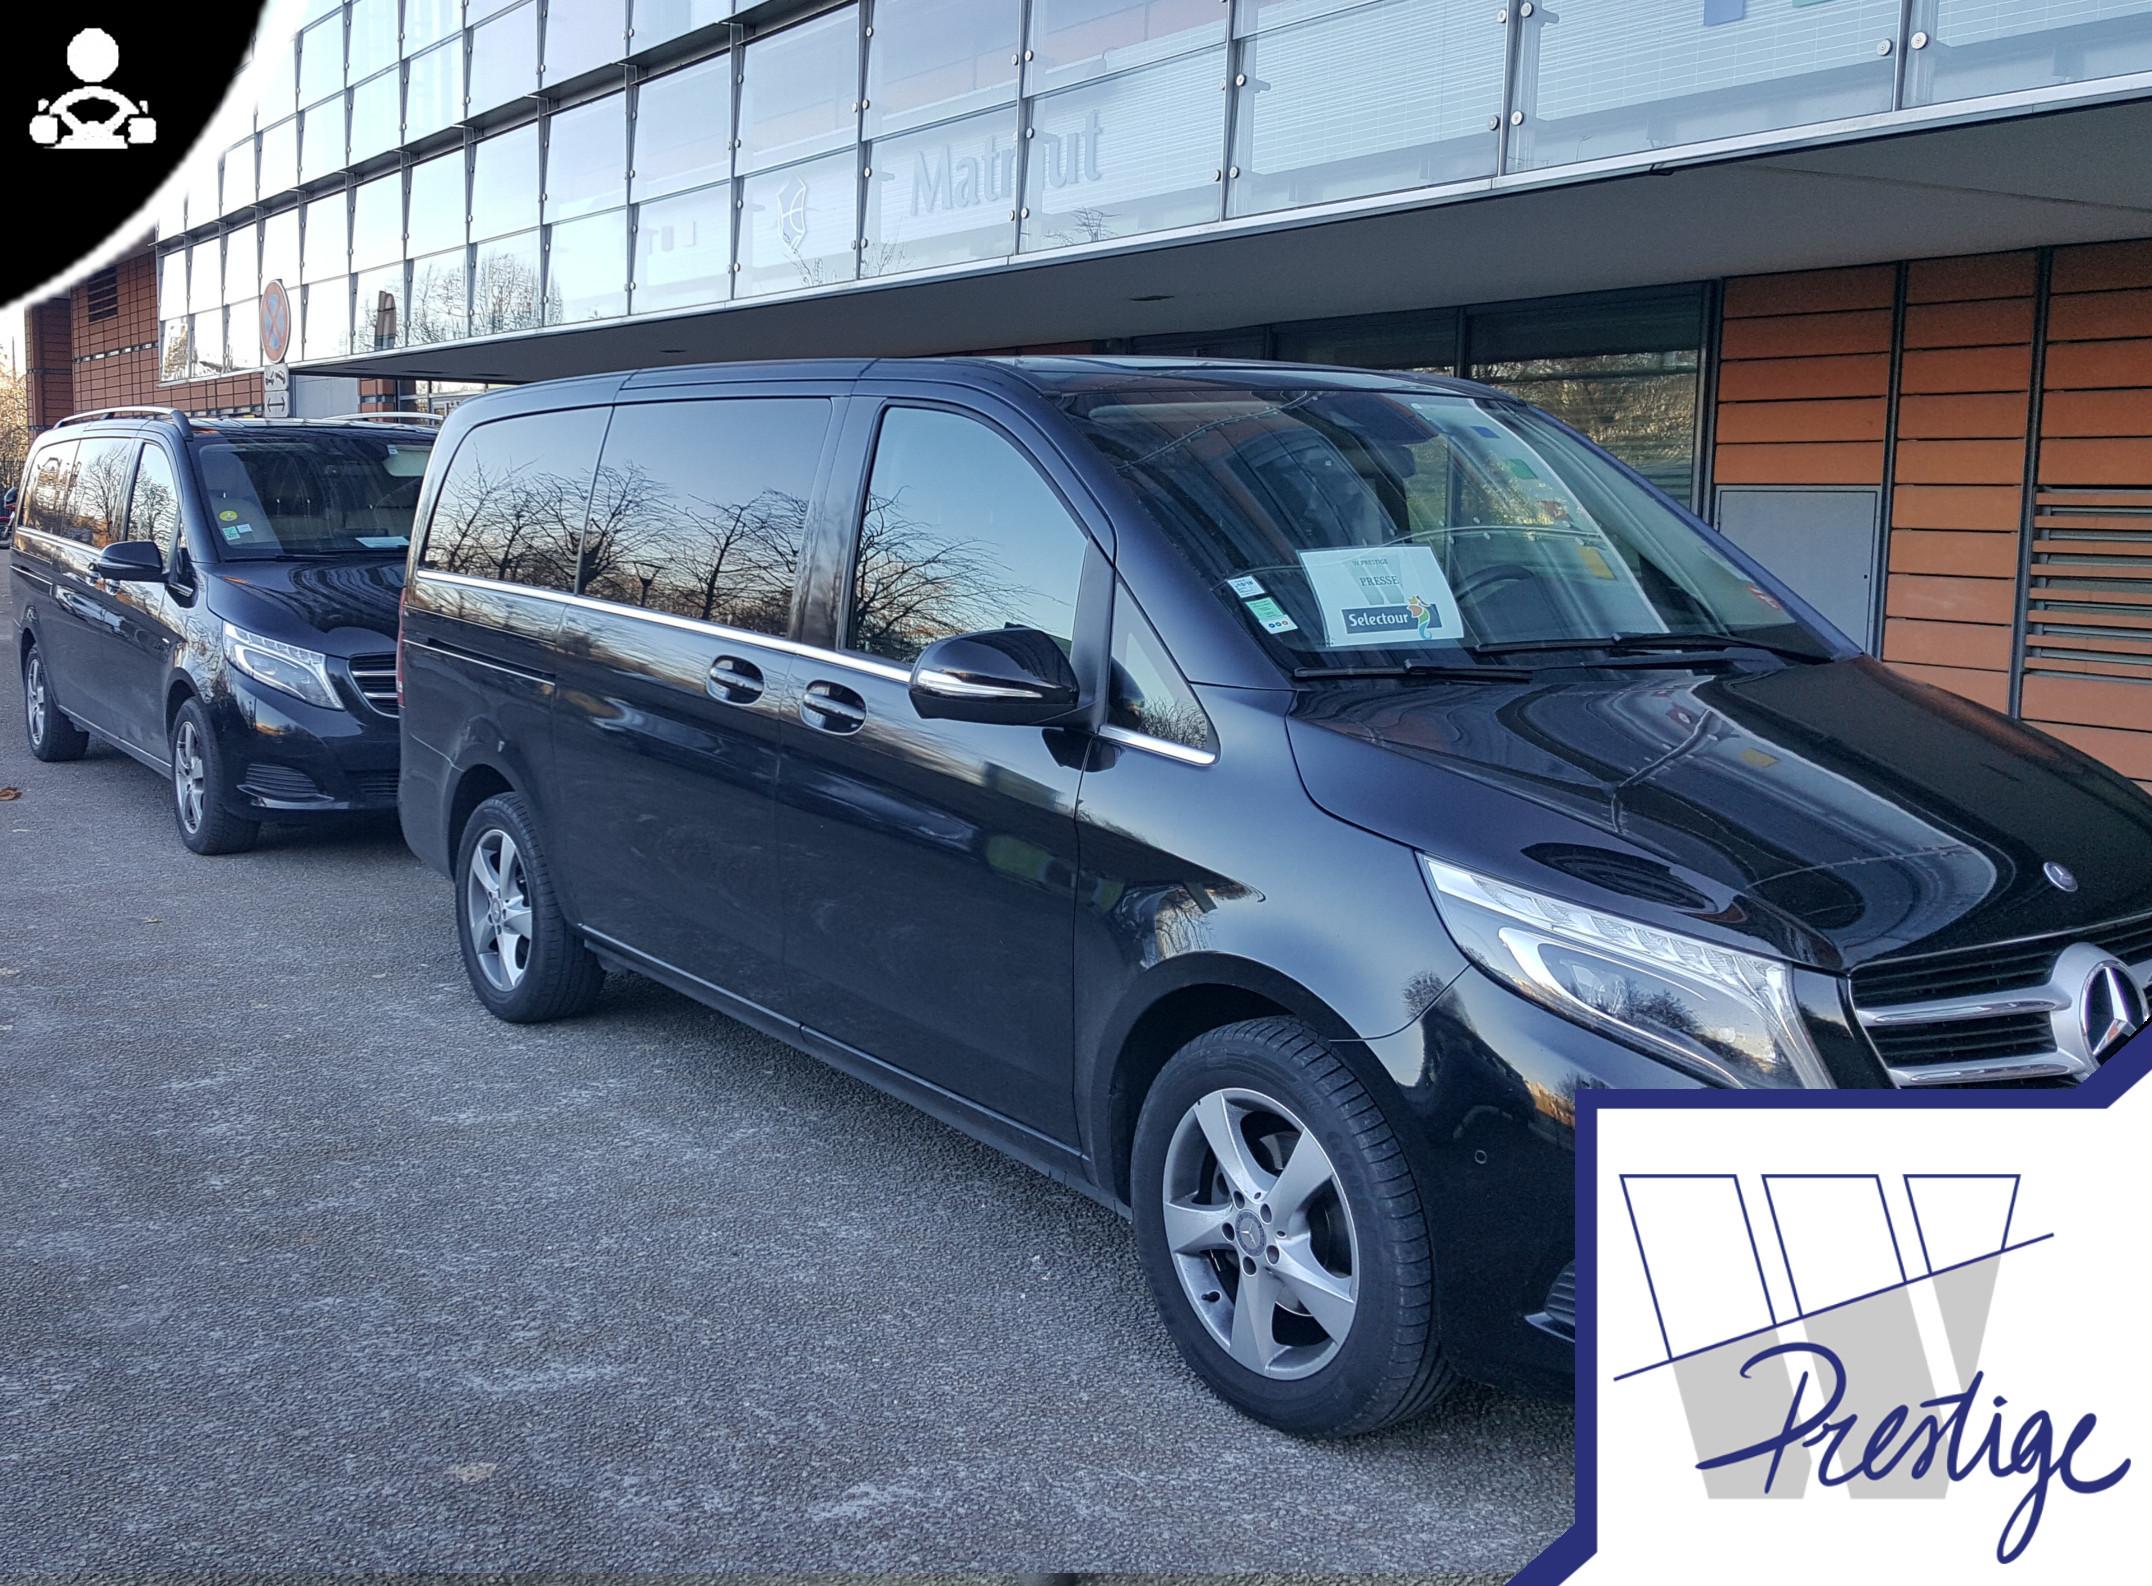 vtc haut de gamme genève, VTC: Chauffeur Privé, Réservation Taxi VTC Genève